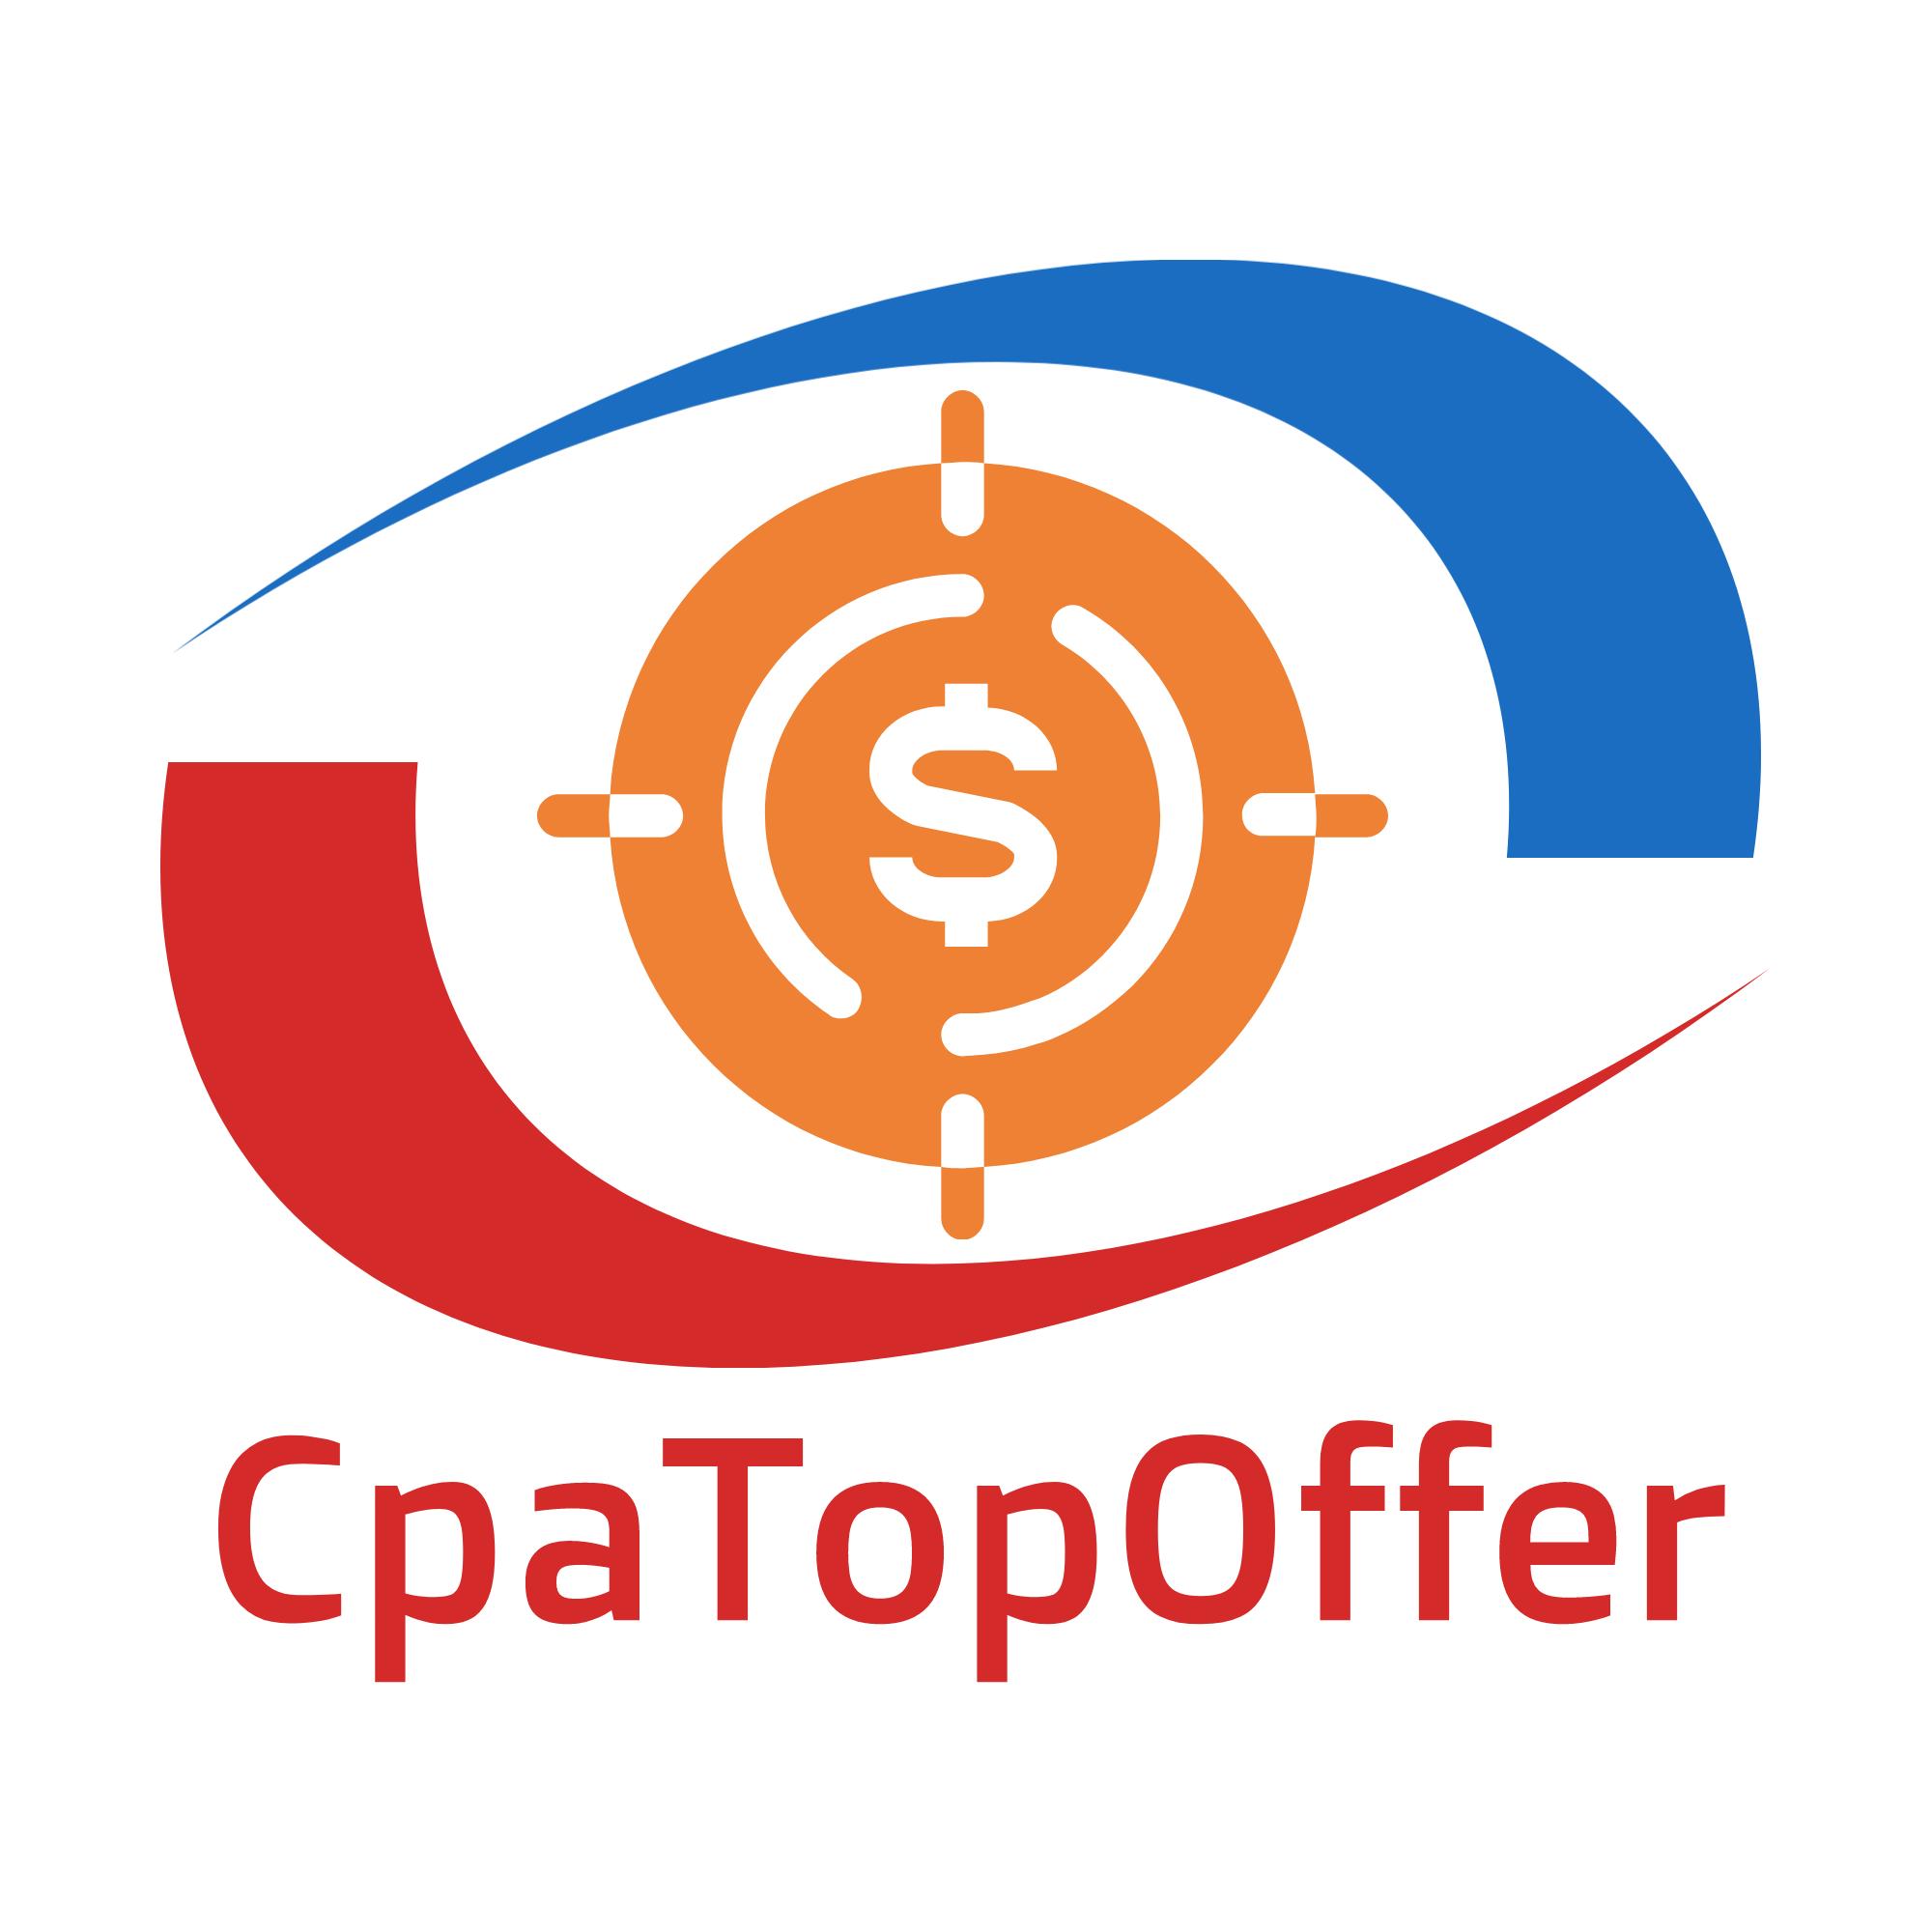 CpaTopOffer.jpg